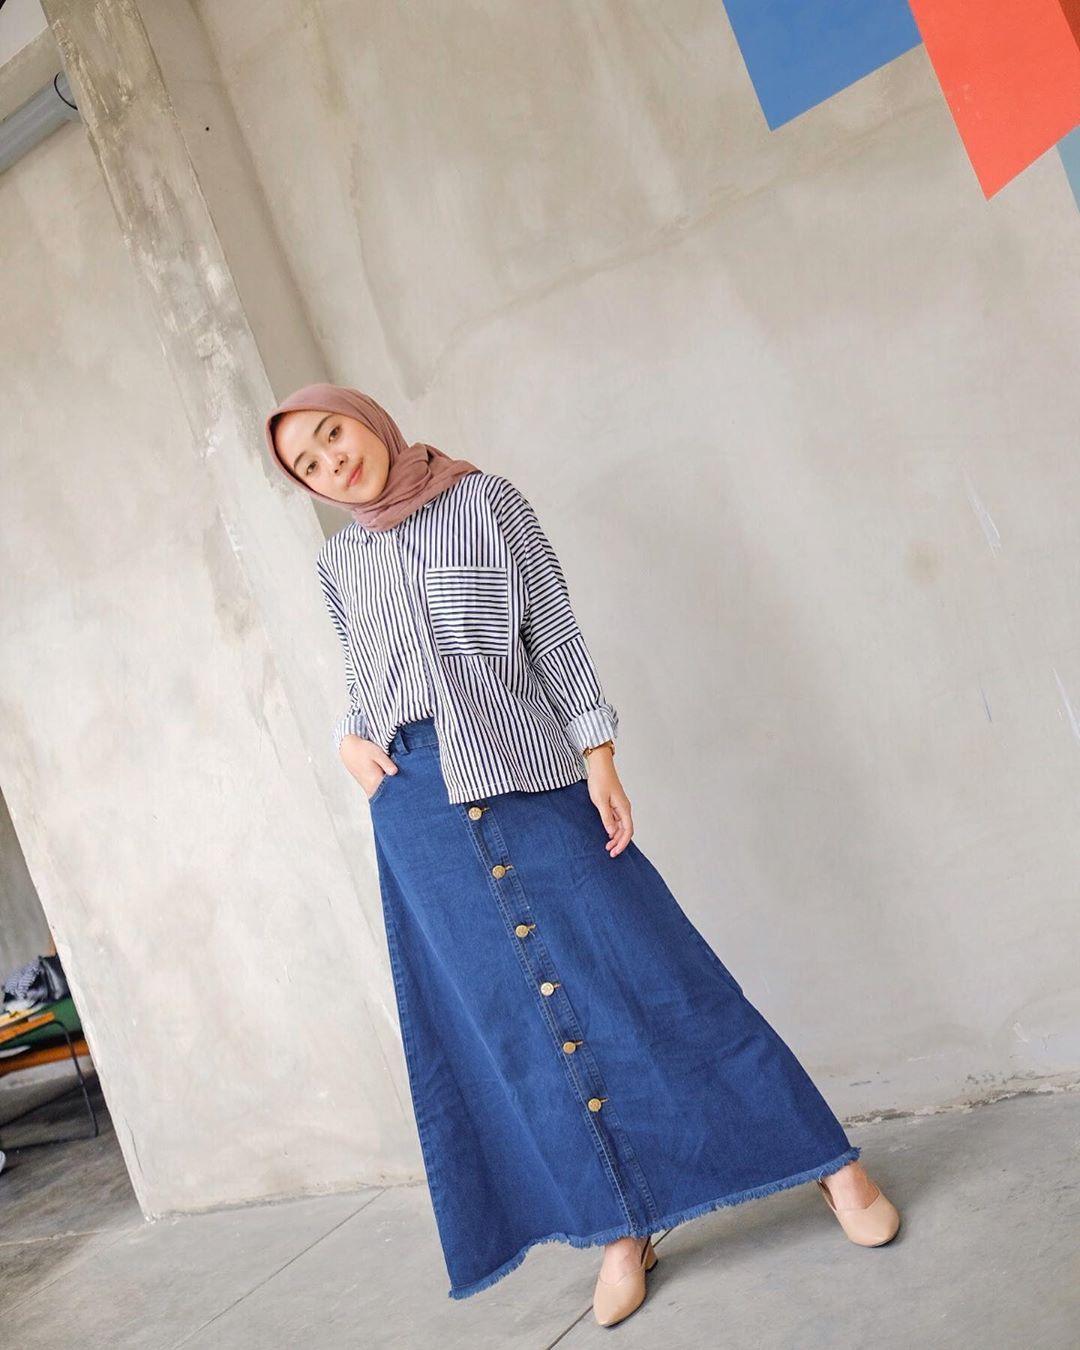 Putrimelatii Casual Hijab Outfit Perlengkapan Hijab Gaya Kasual